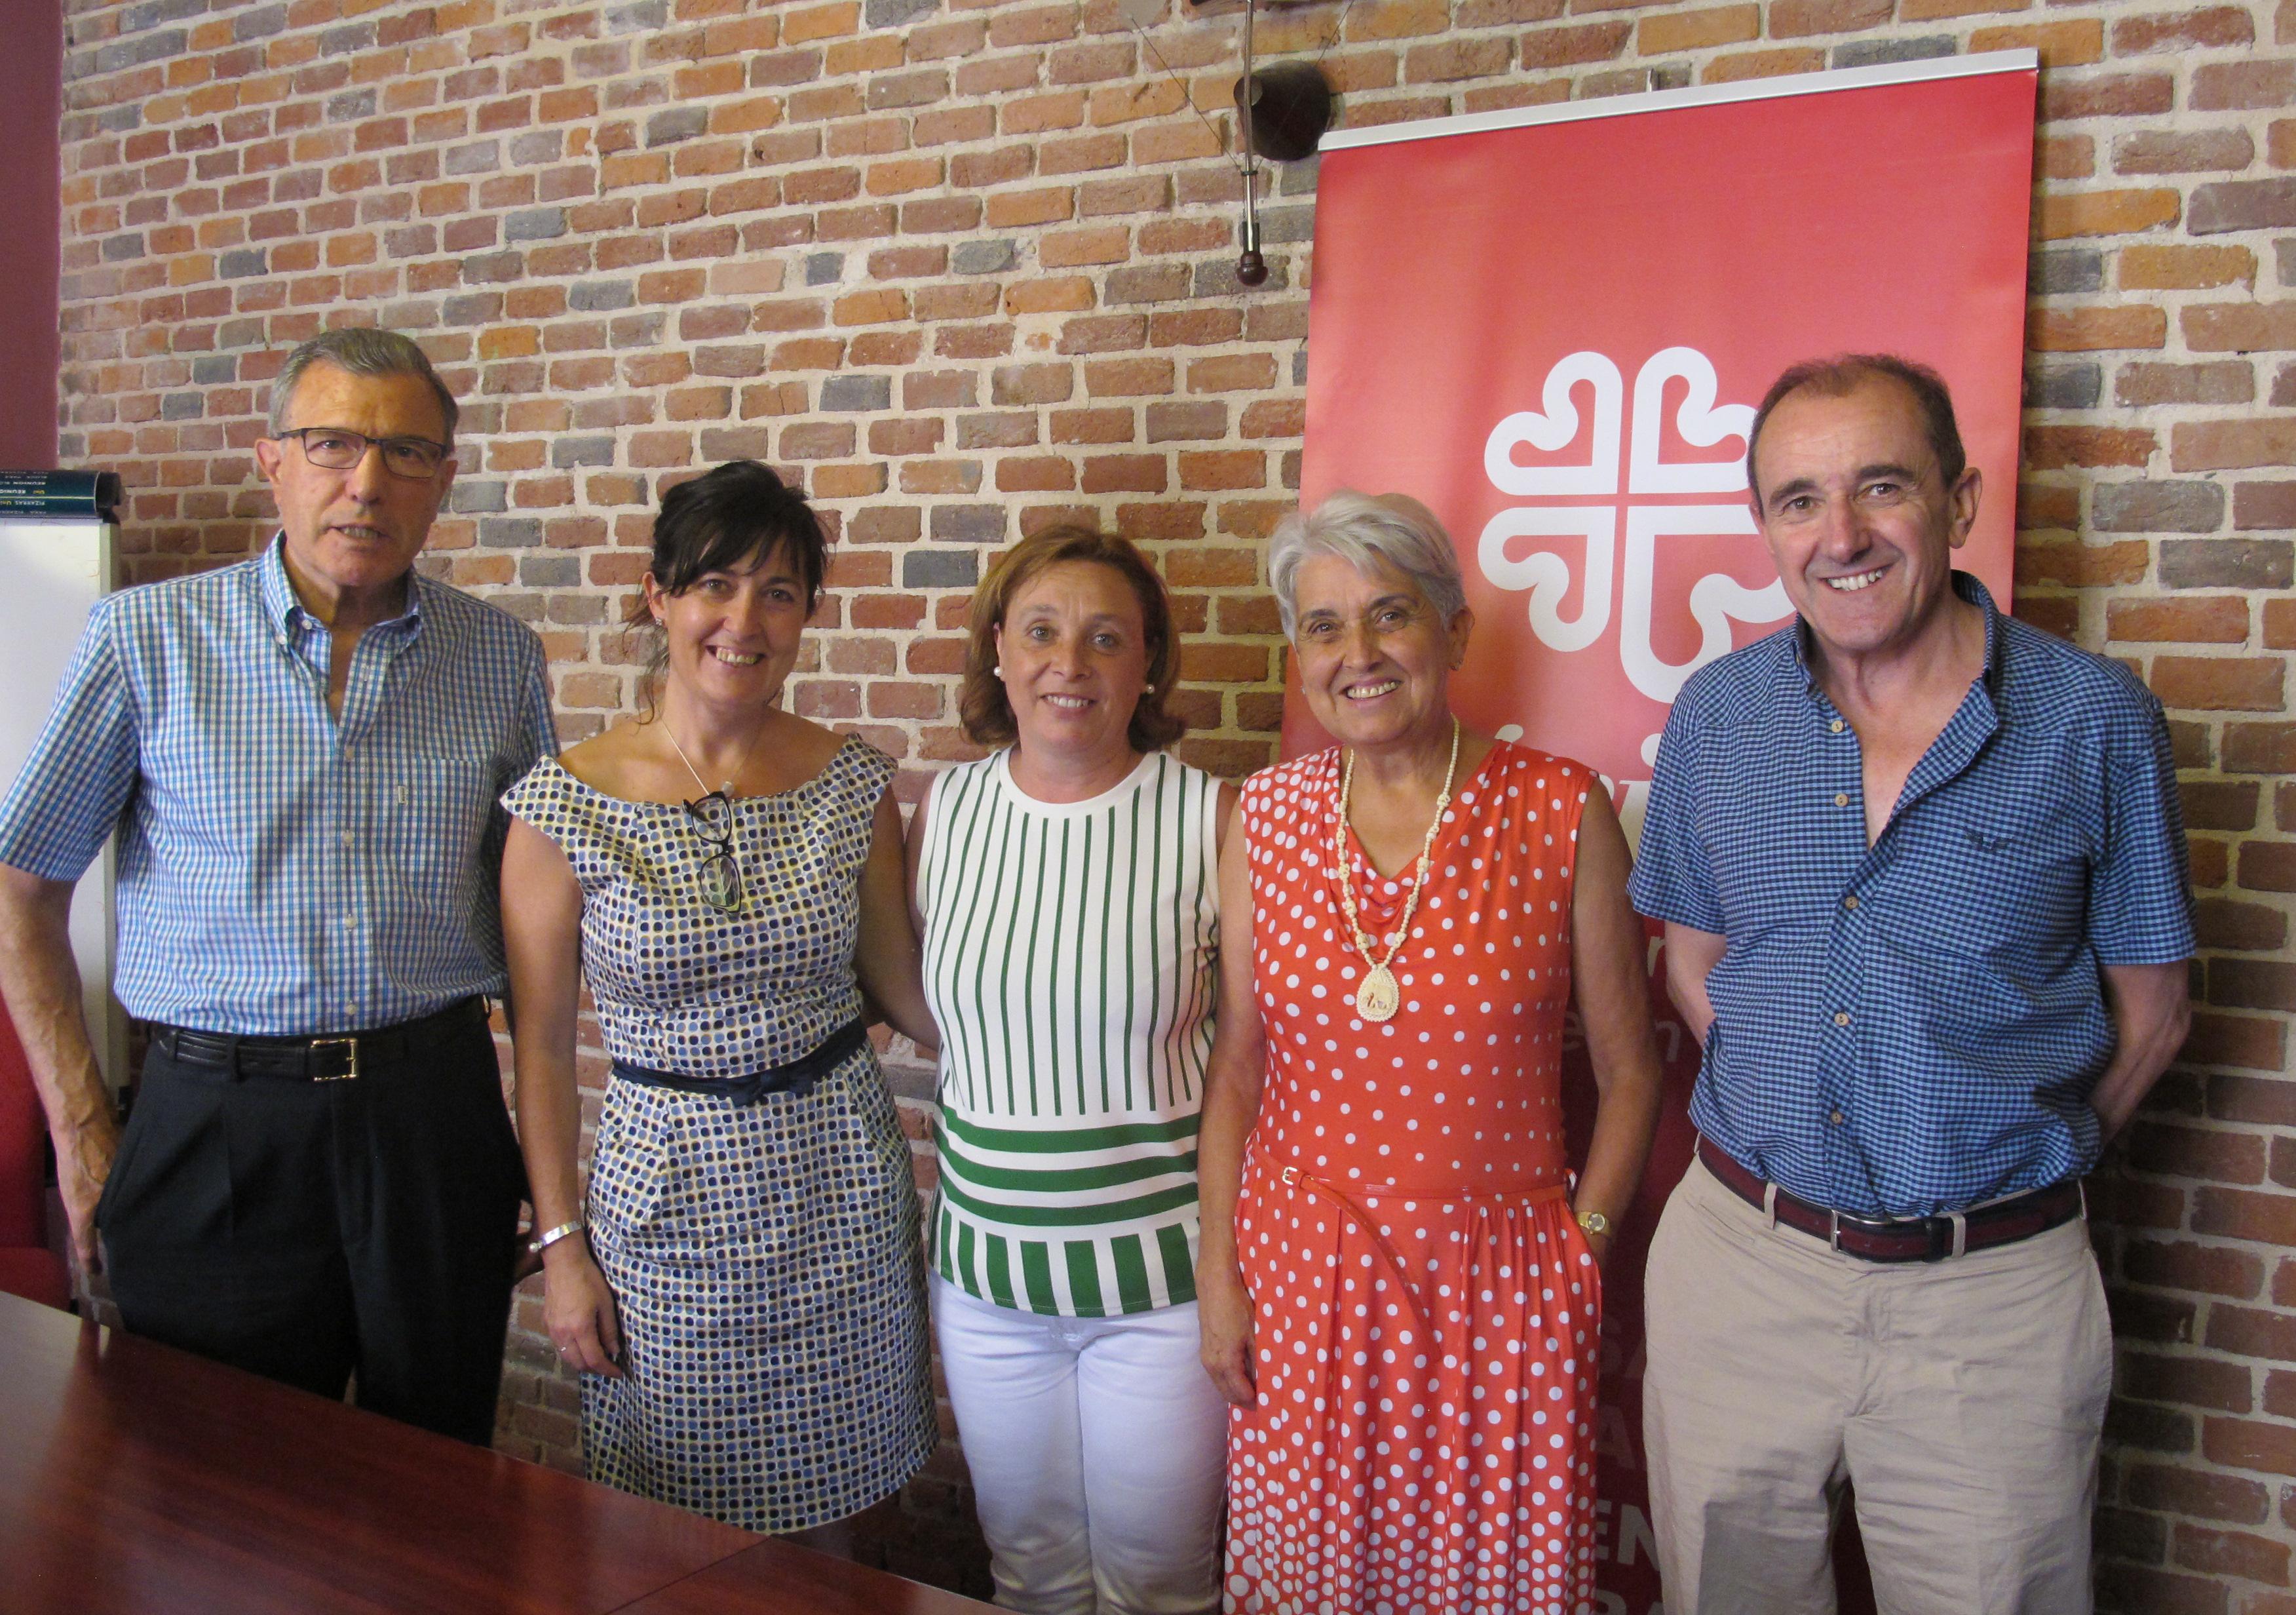 Visita Concejala Asuntos Sociales Ayto Leon-julio 2015